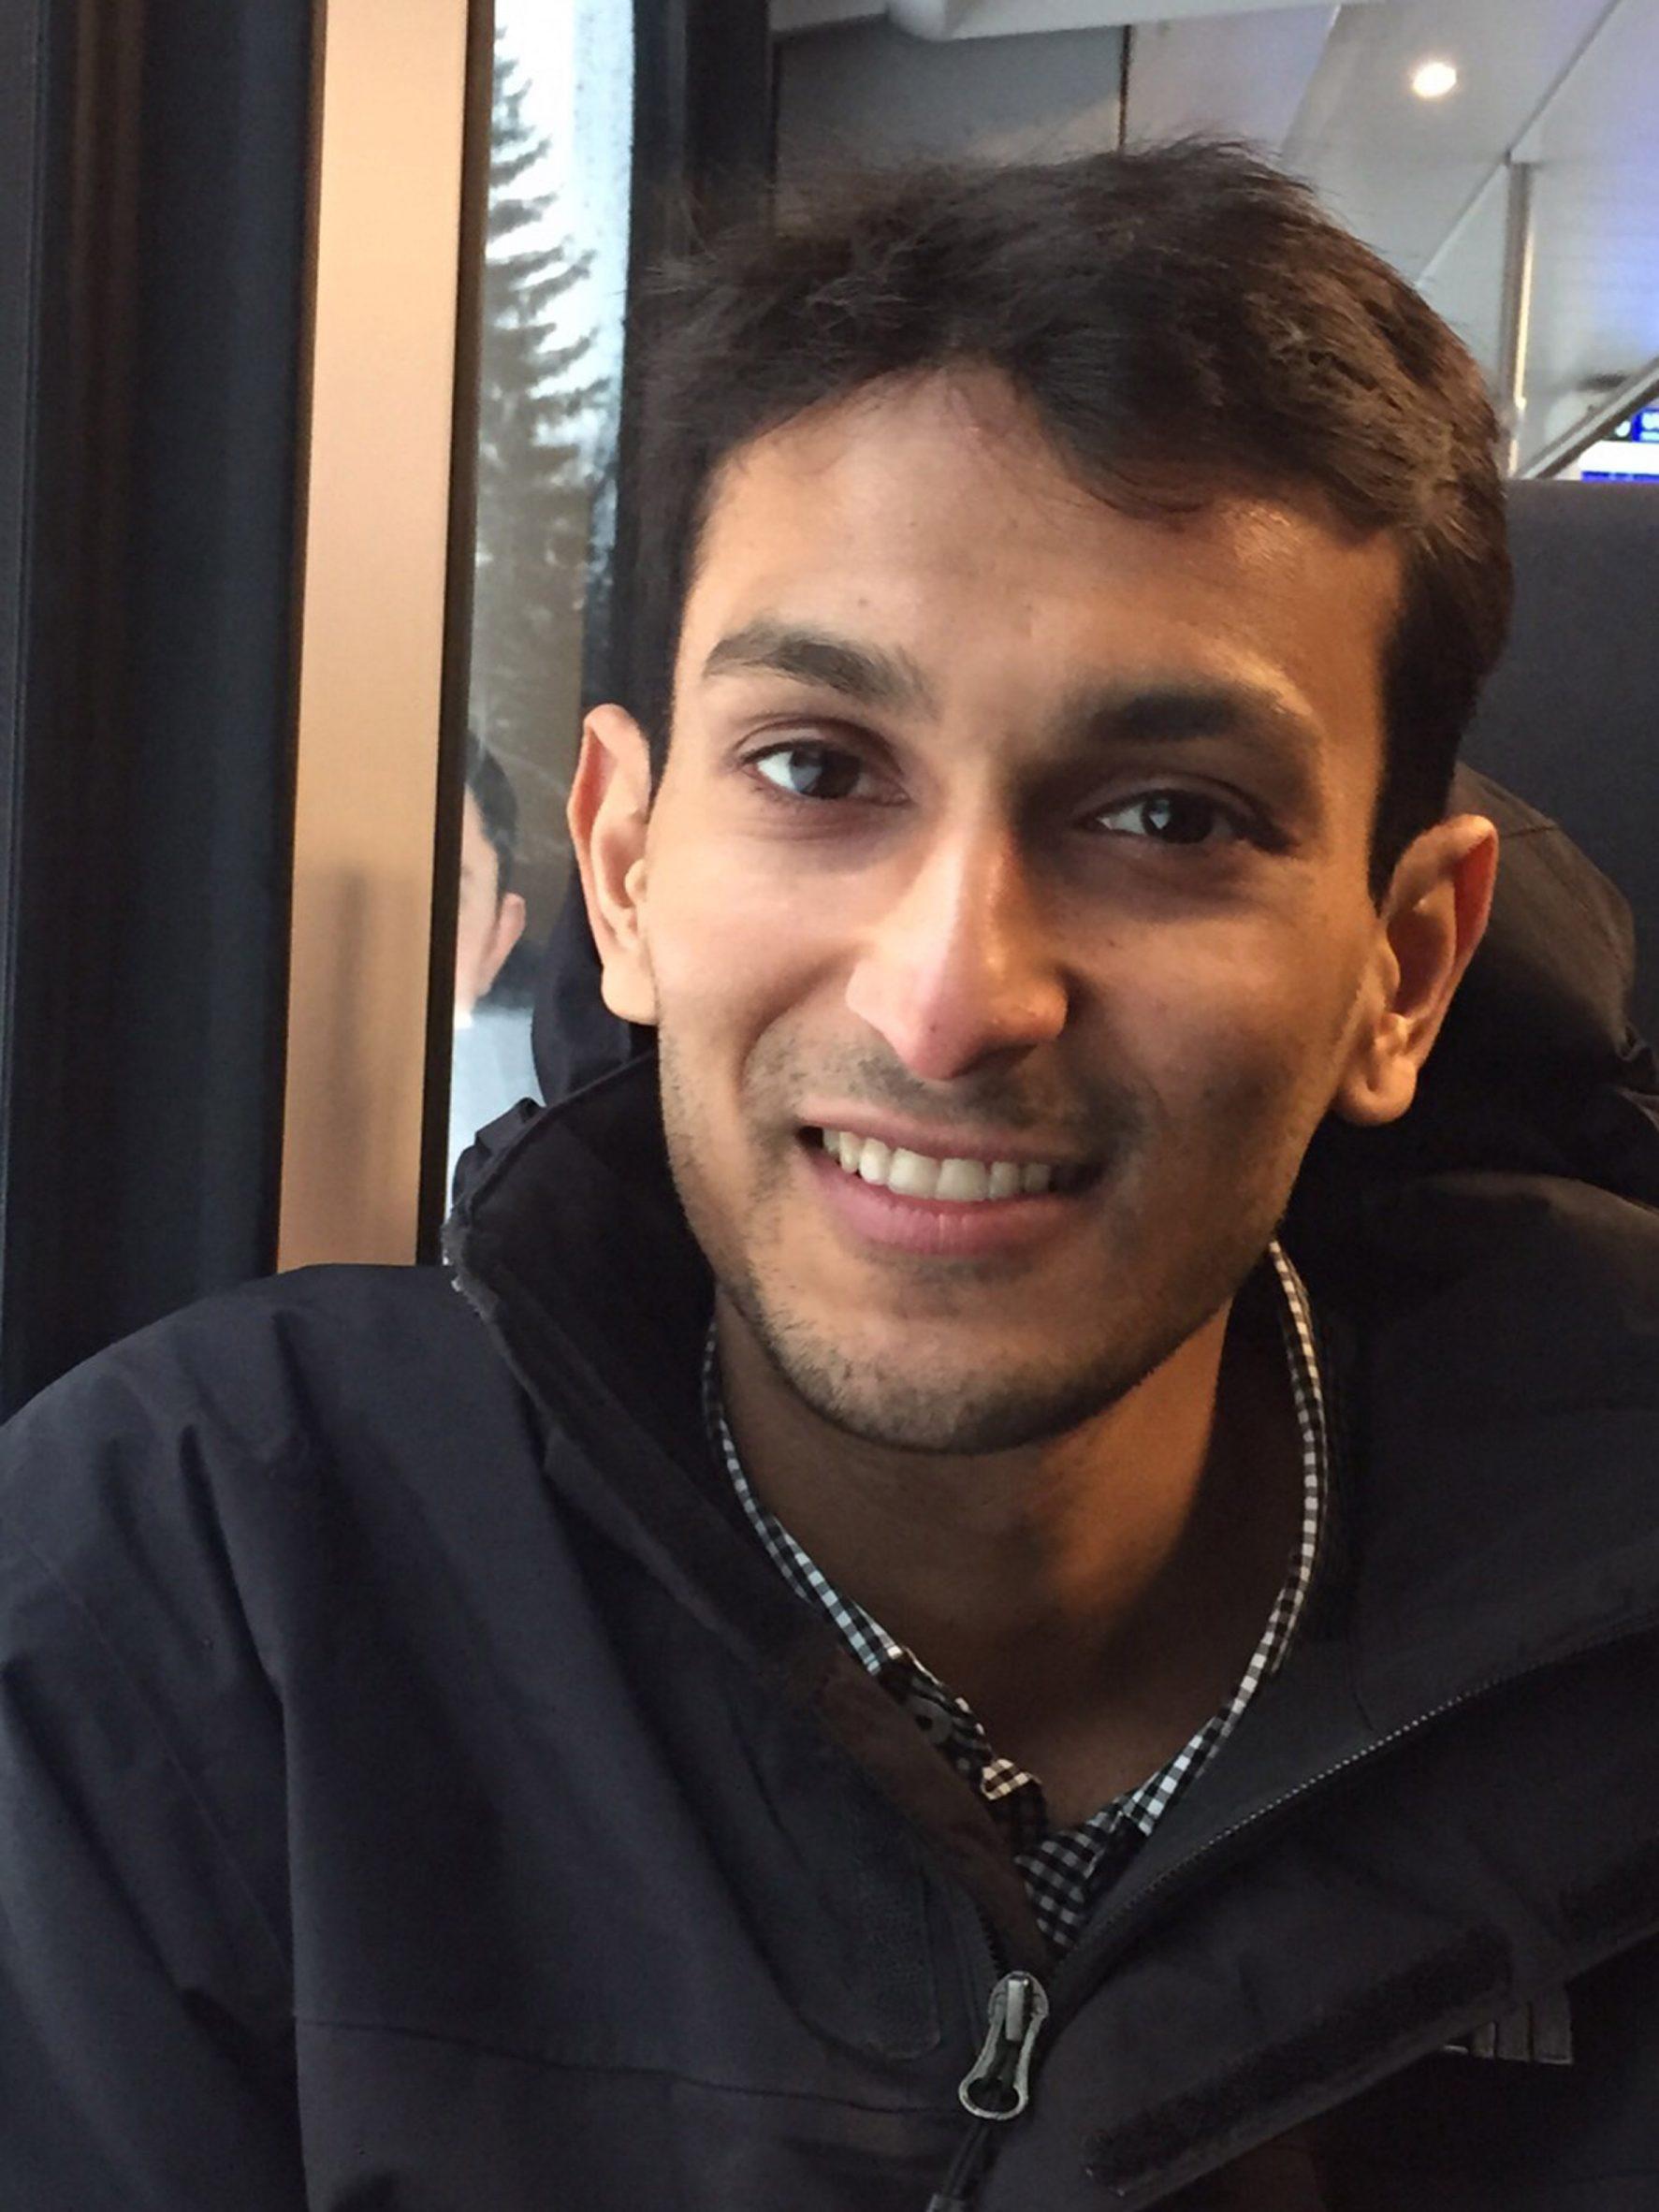 Portrait of Darshil Shah